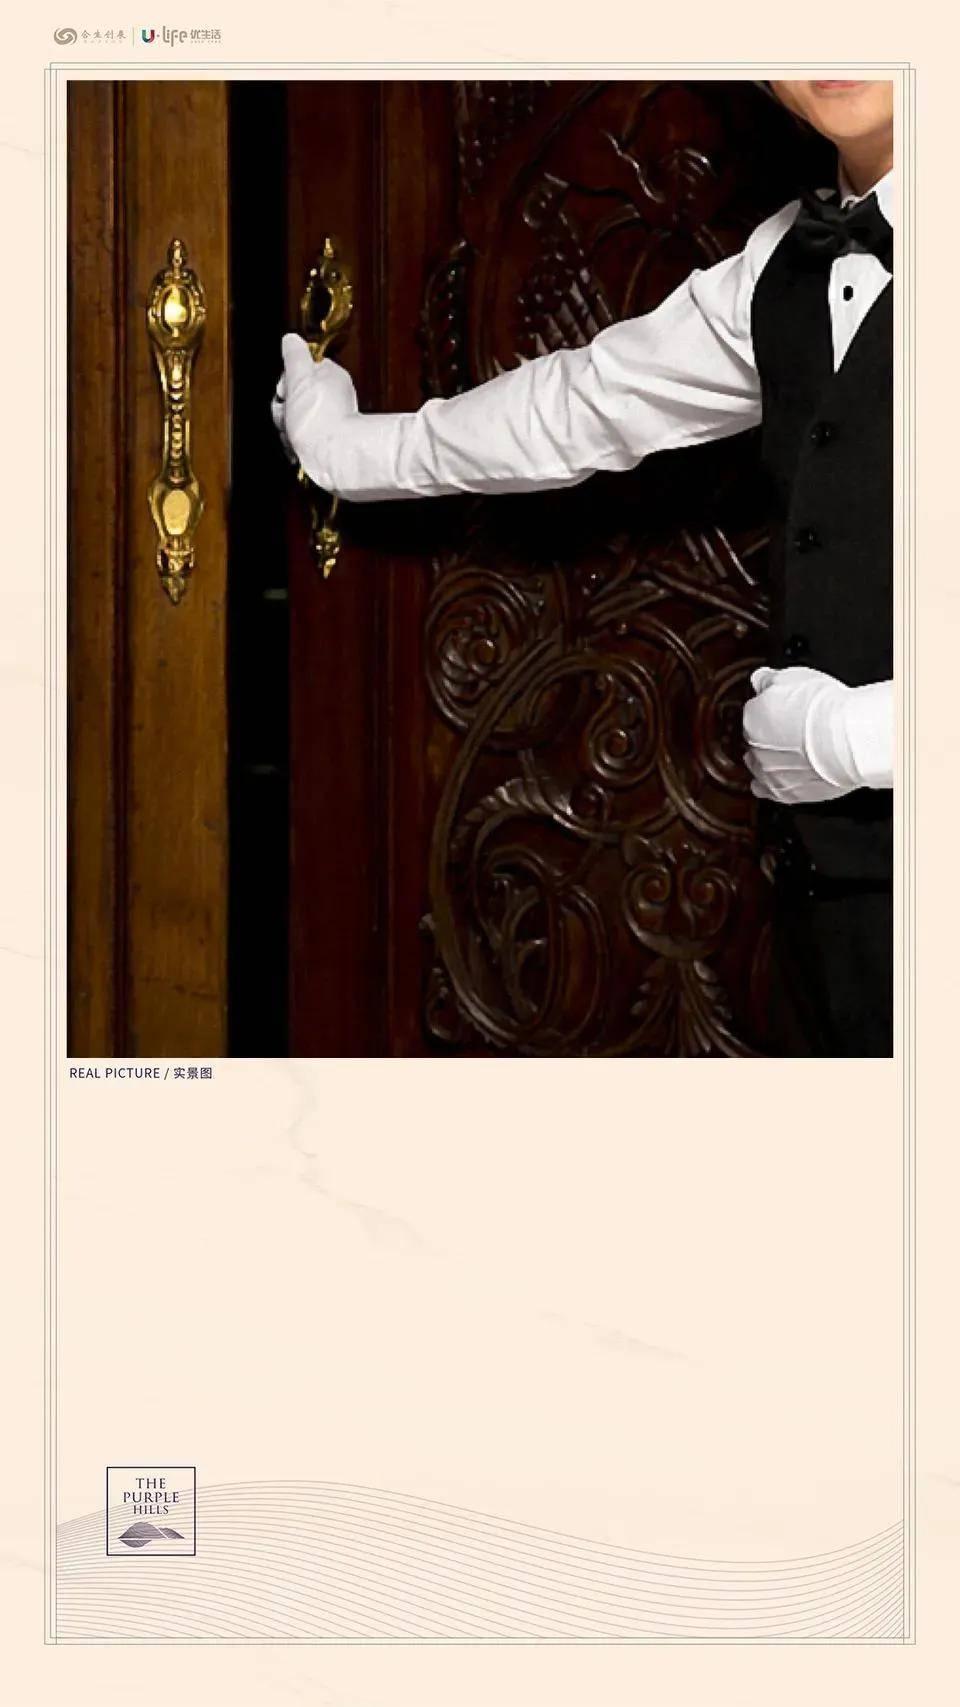 上海【佘山东紫园】佘山东紫园——佘山东紫园欢迎您——官方网站!